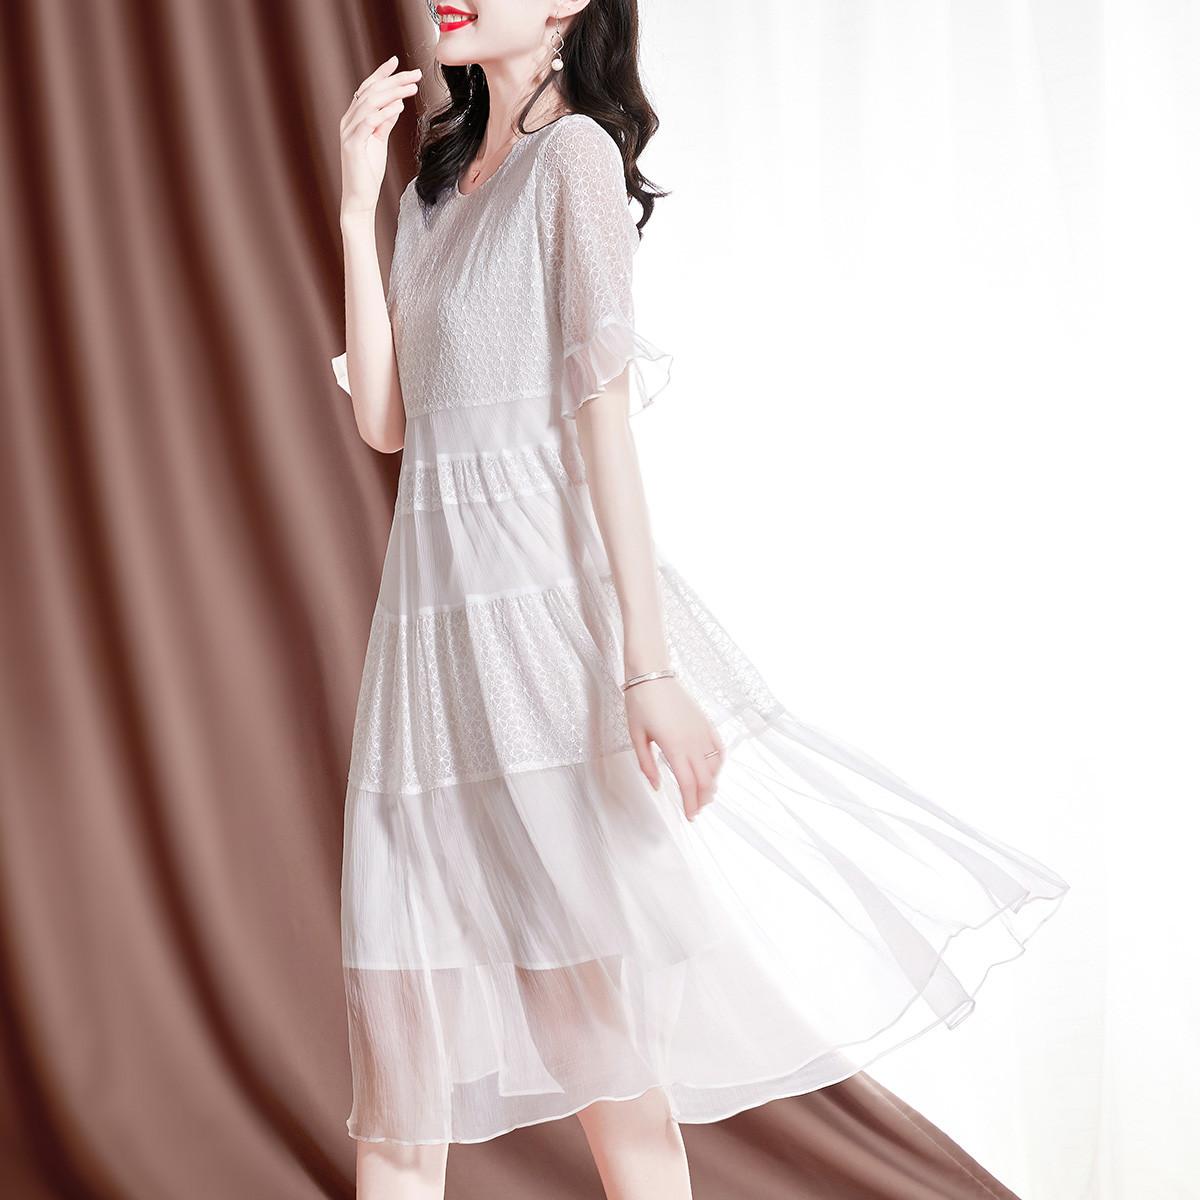 WDLS 维多拉斯 22695A760  女士连衣裙